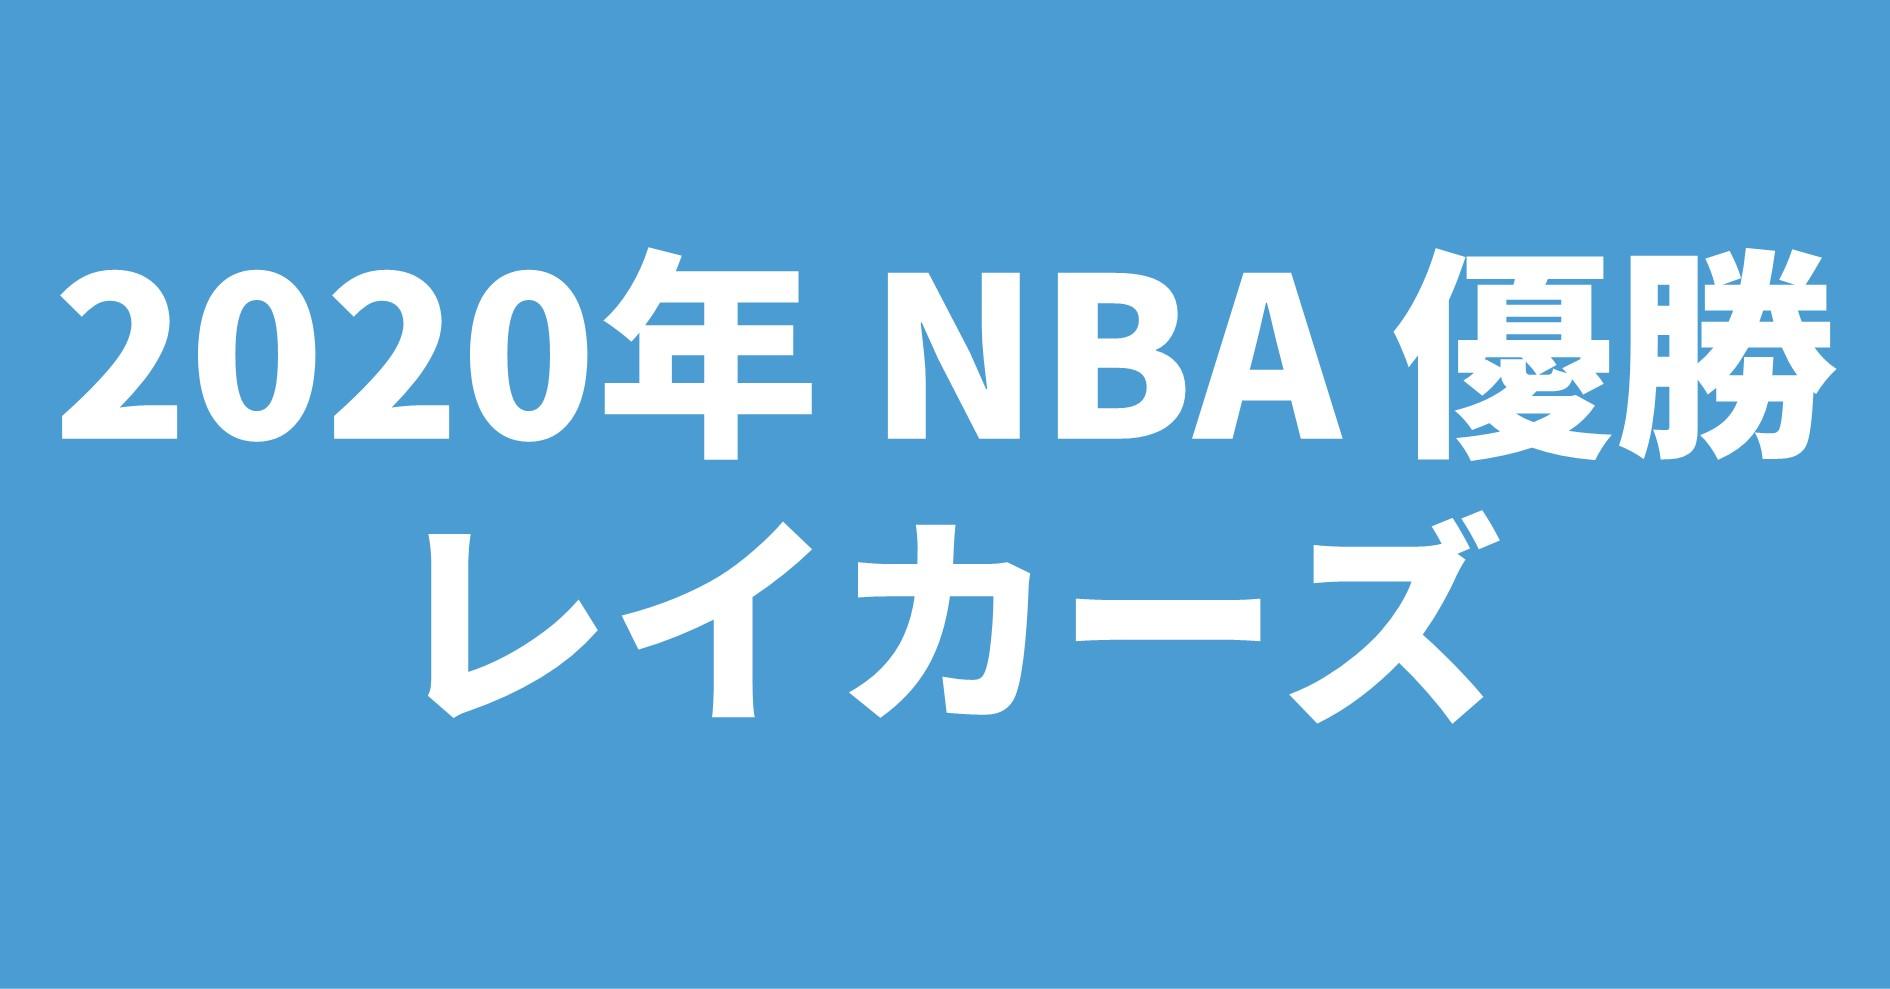 2020年 NBA優勝 レイカーズ